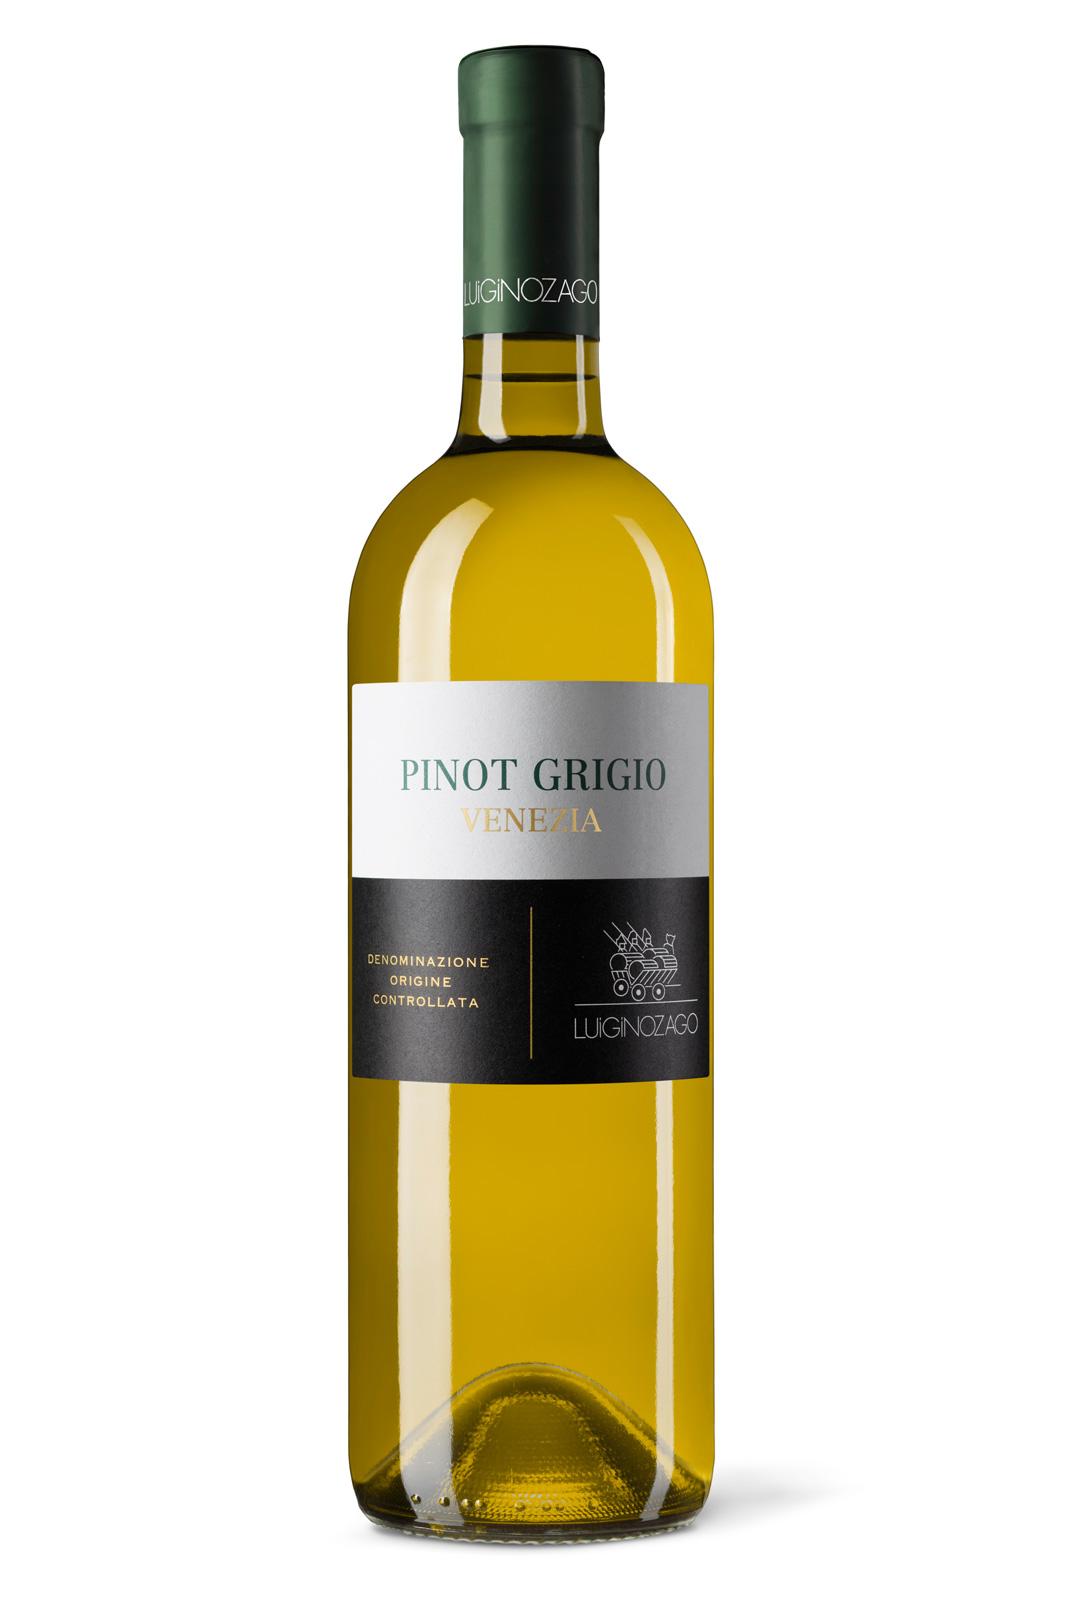 Pinot Grigio Venezia Zago